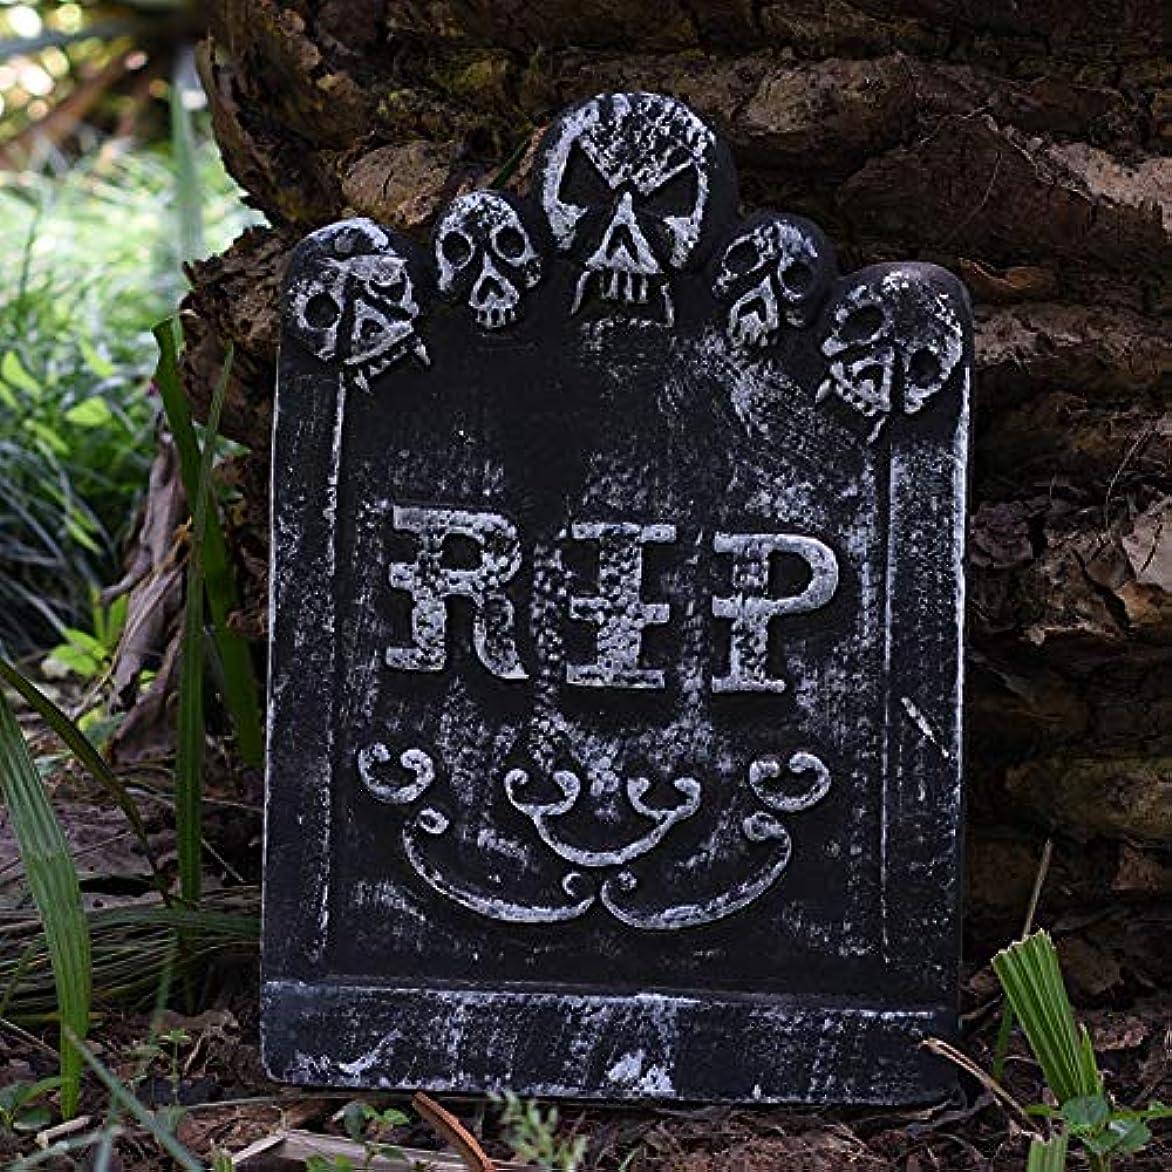 帝国スキームドラムETRRUU HOME ハロウィン墓の小道具ステレオ墓石お化け屋敷バールームエスケープタトゥーショップの装飾